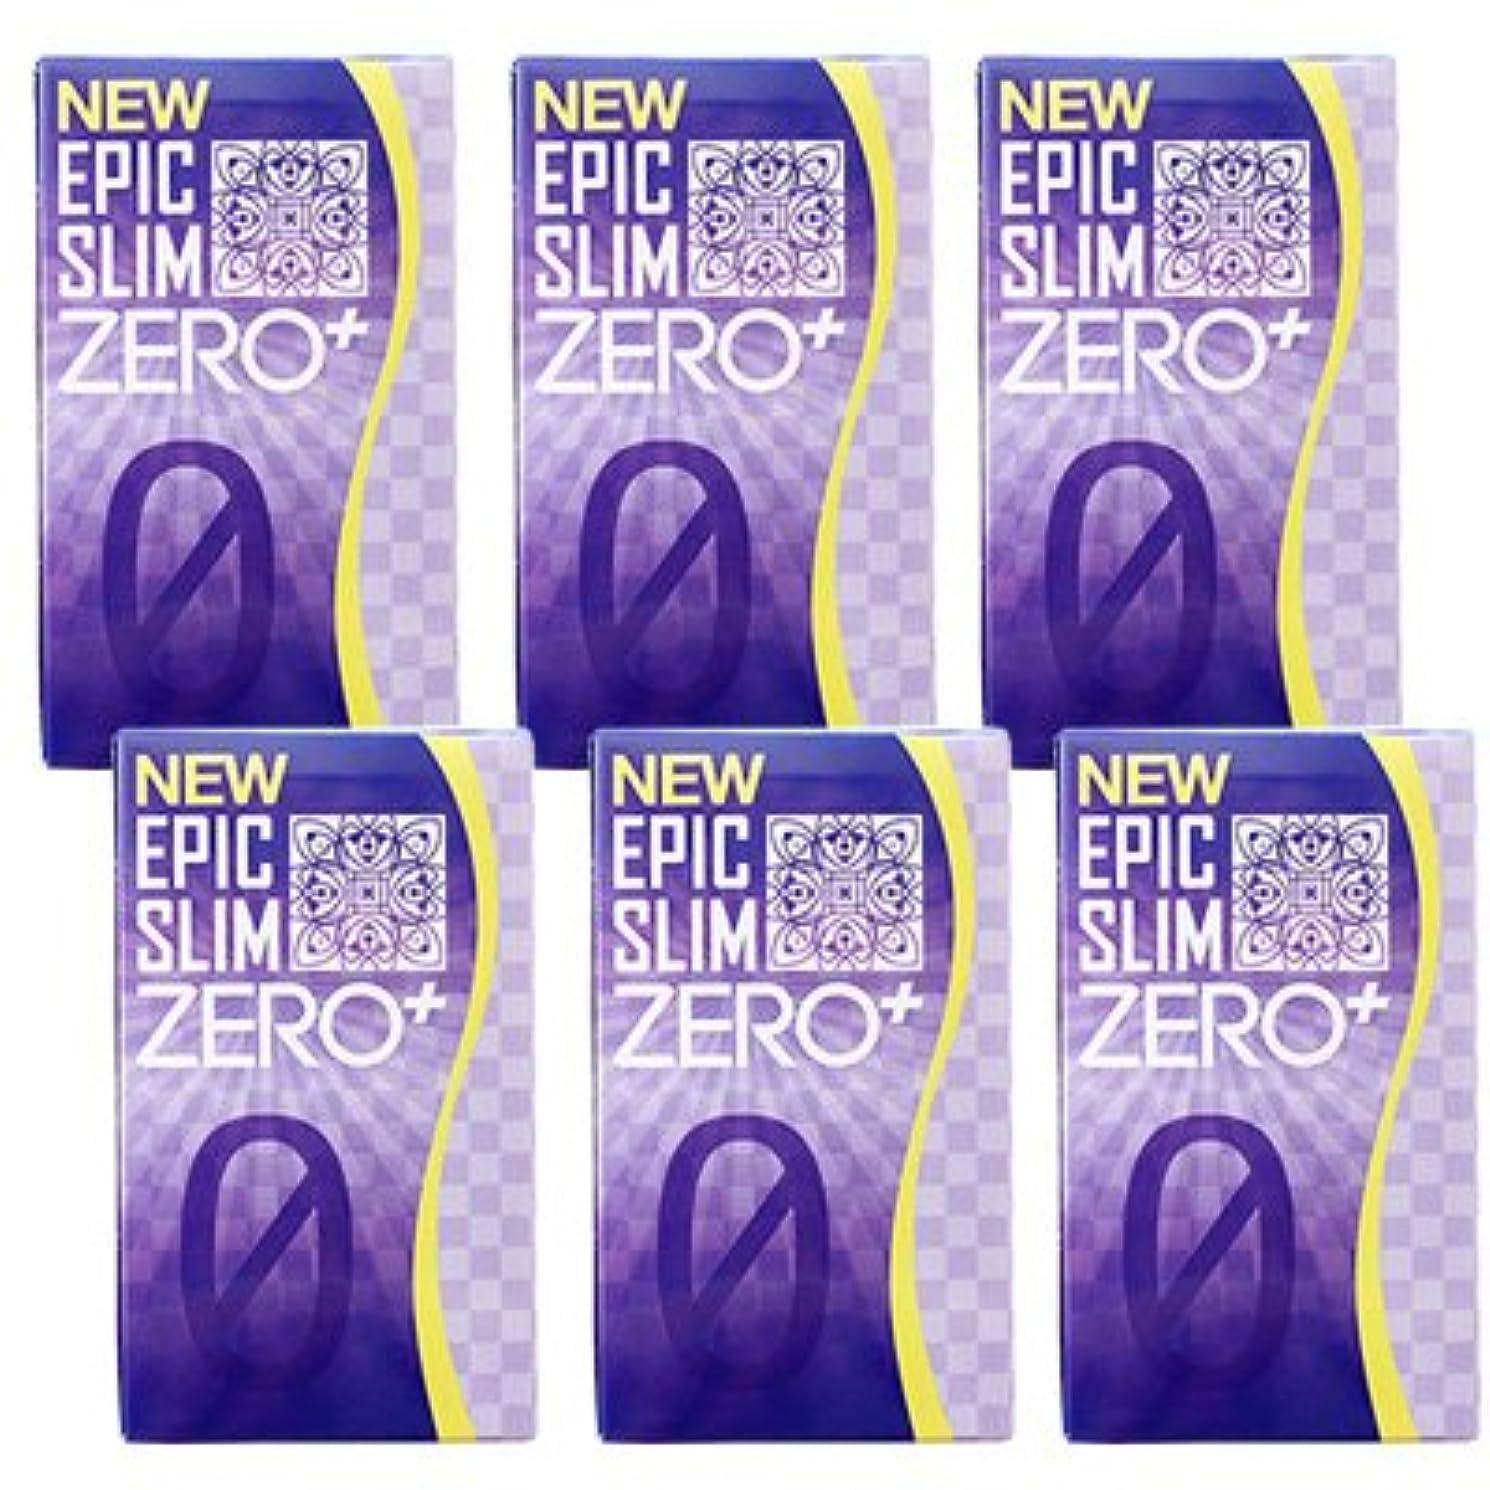 ブリークシャベルコモランマNEW エピックスリム ゼロ+ 6個セット NEW Epic Slim ZERO PLUS